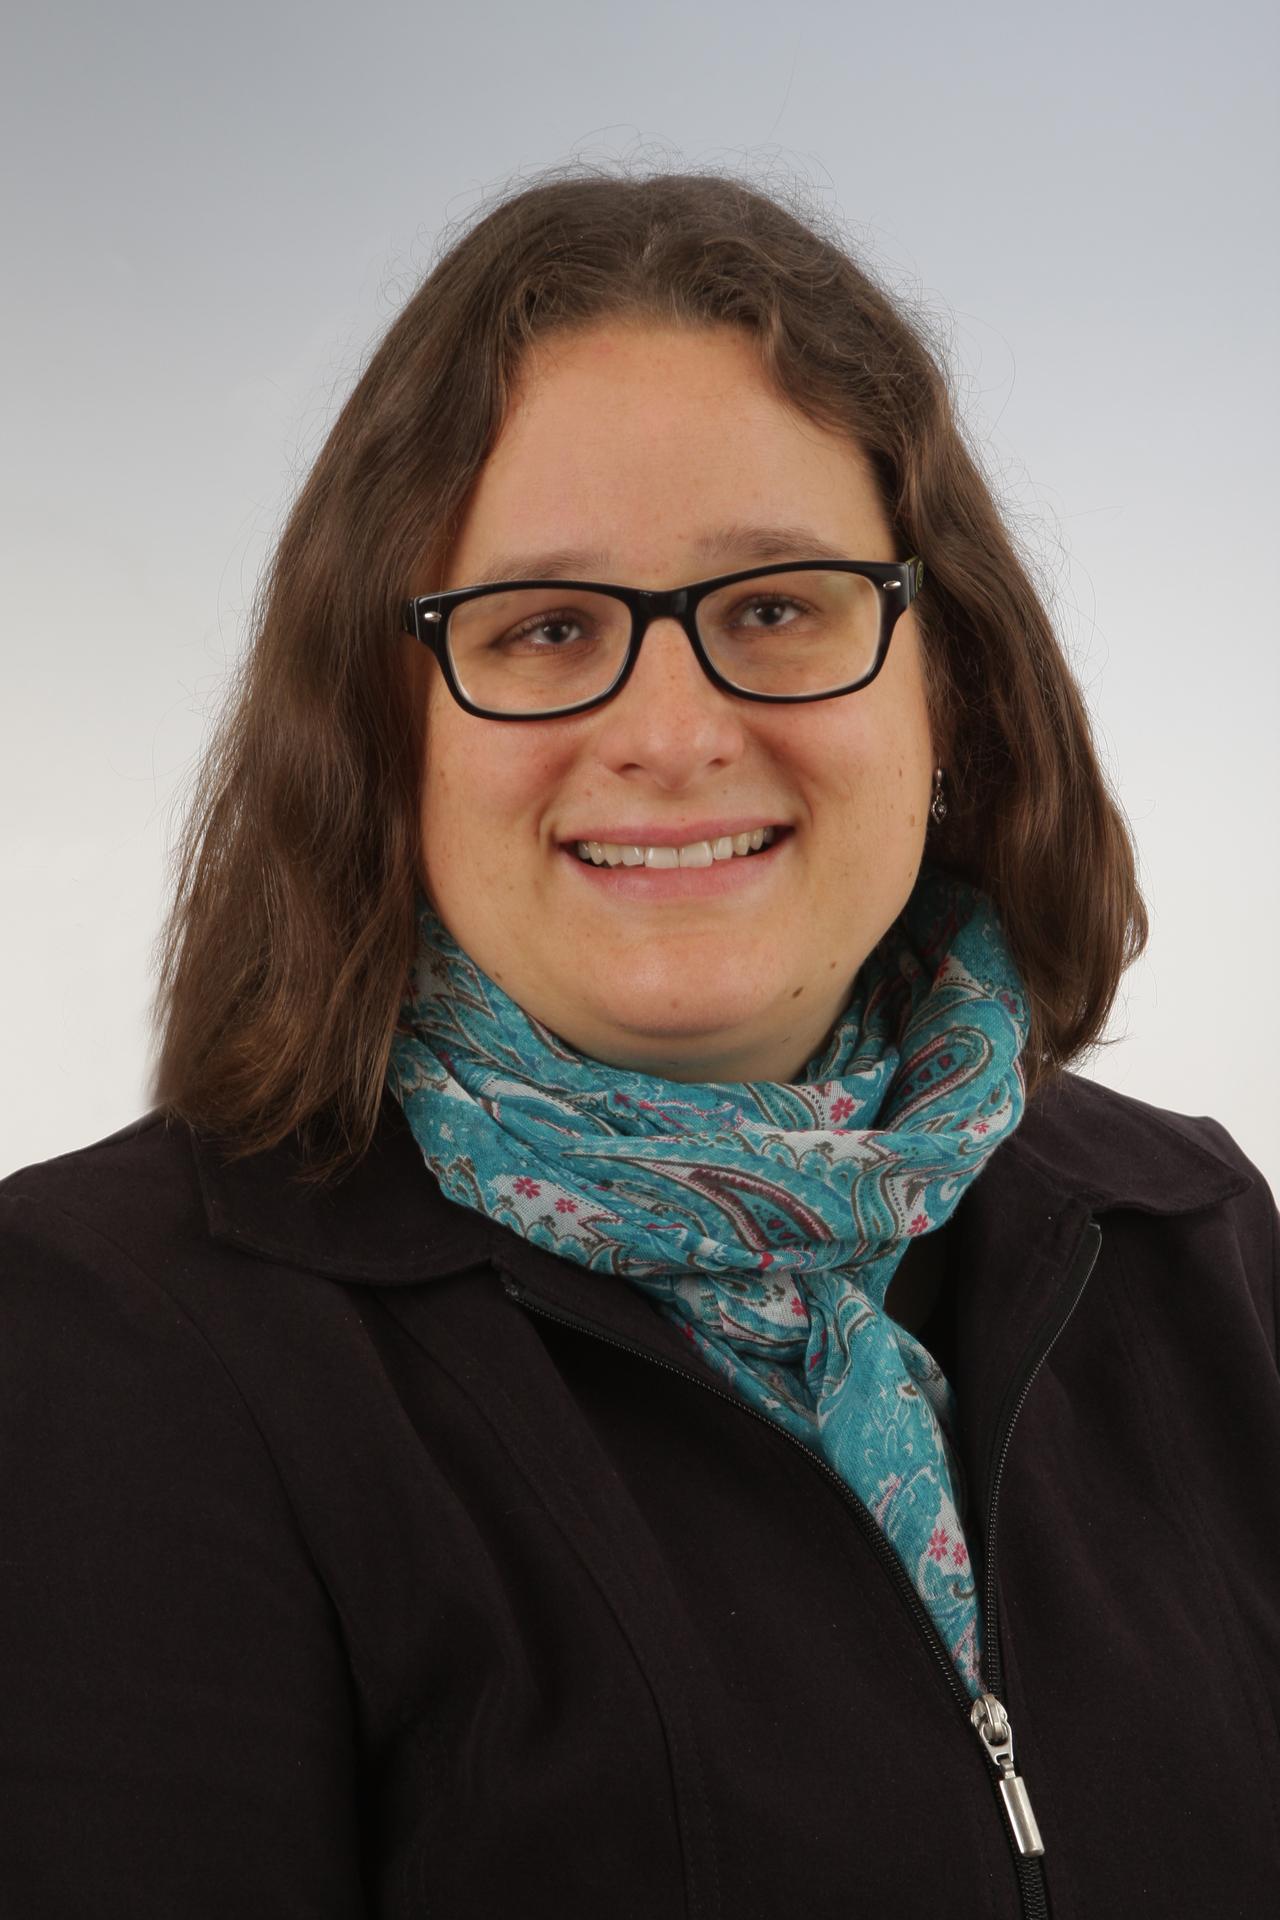 Melanie Ernst